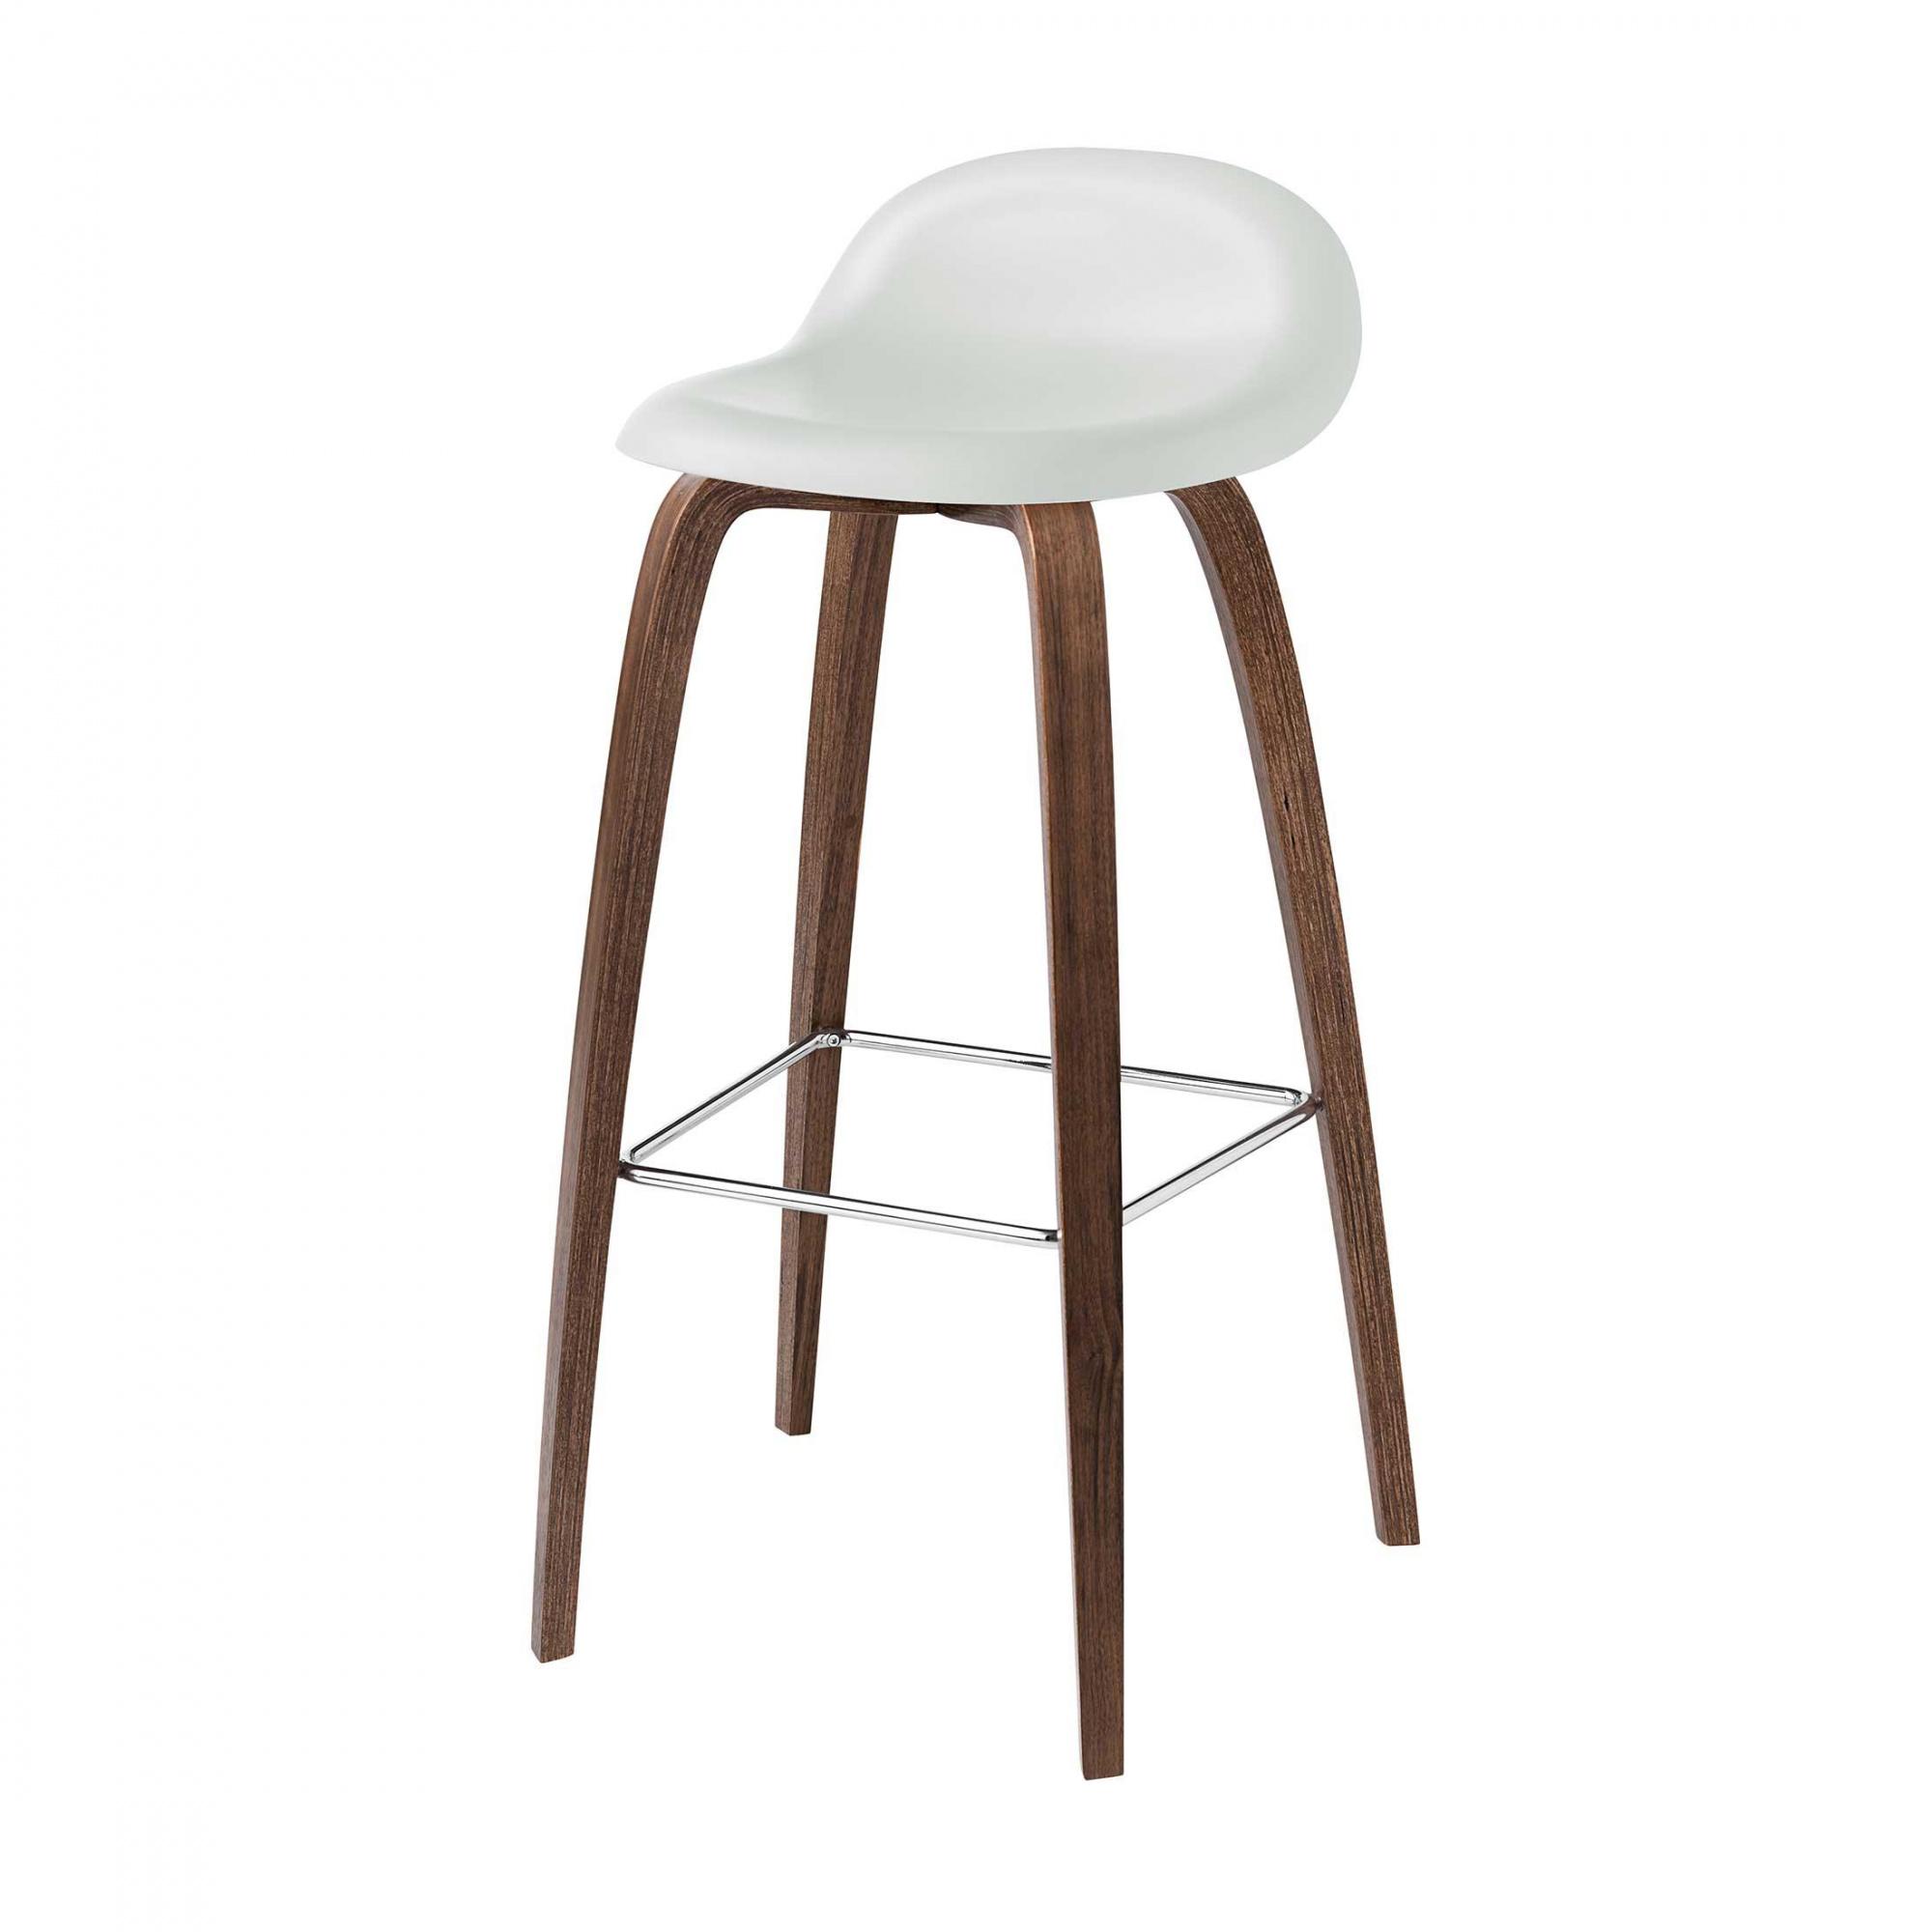 Weiss Holz Kunststoff Barhocker Online Kaufen Möbel Suchmaschine